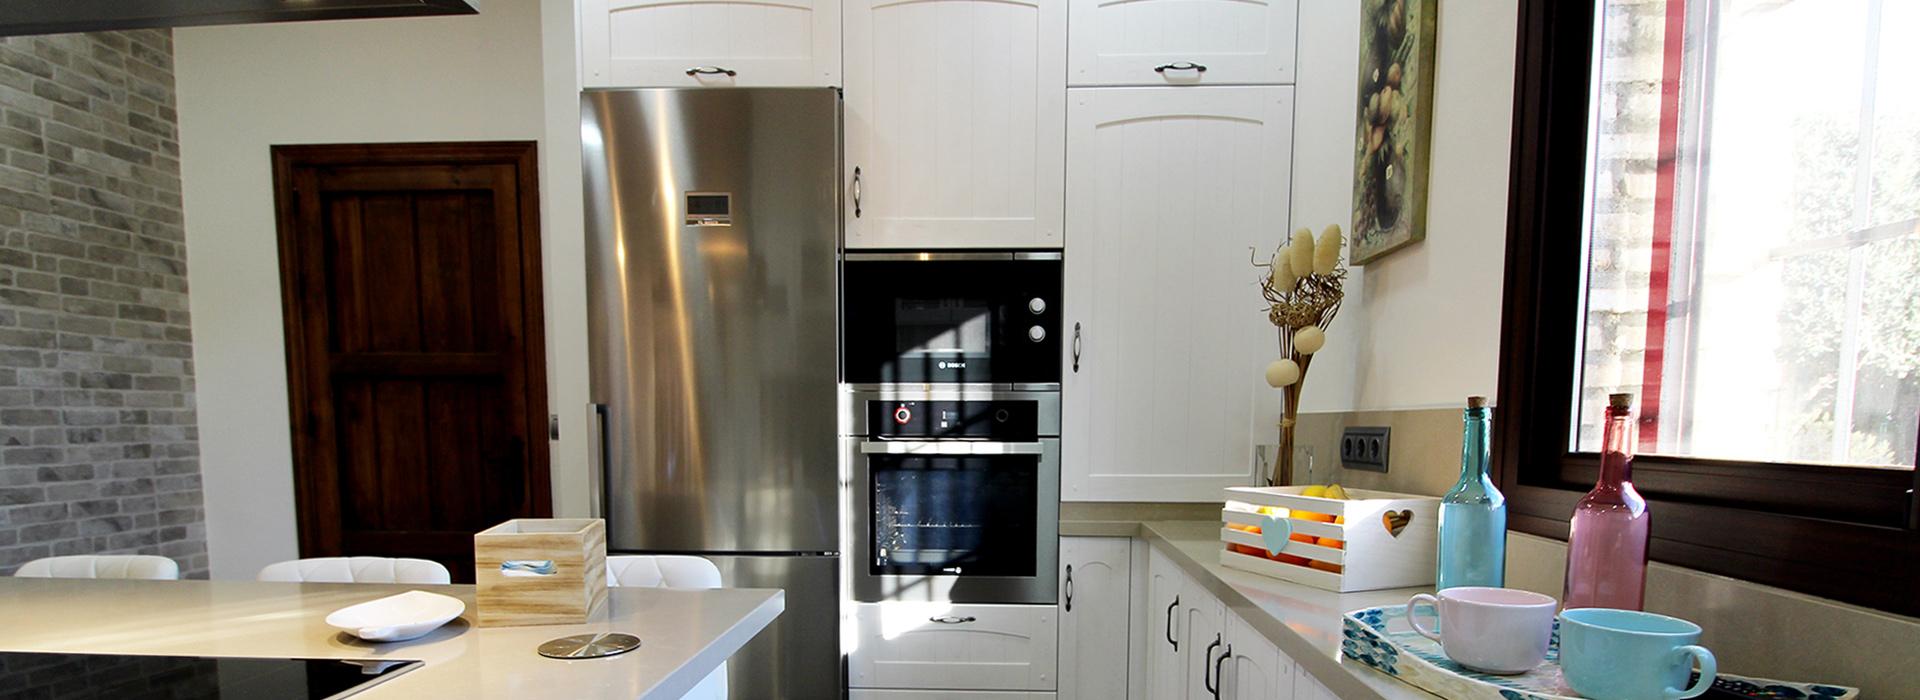 Visítanos y consigue tu cocina ideal